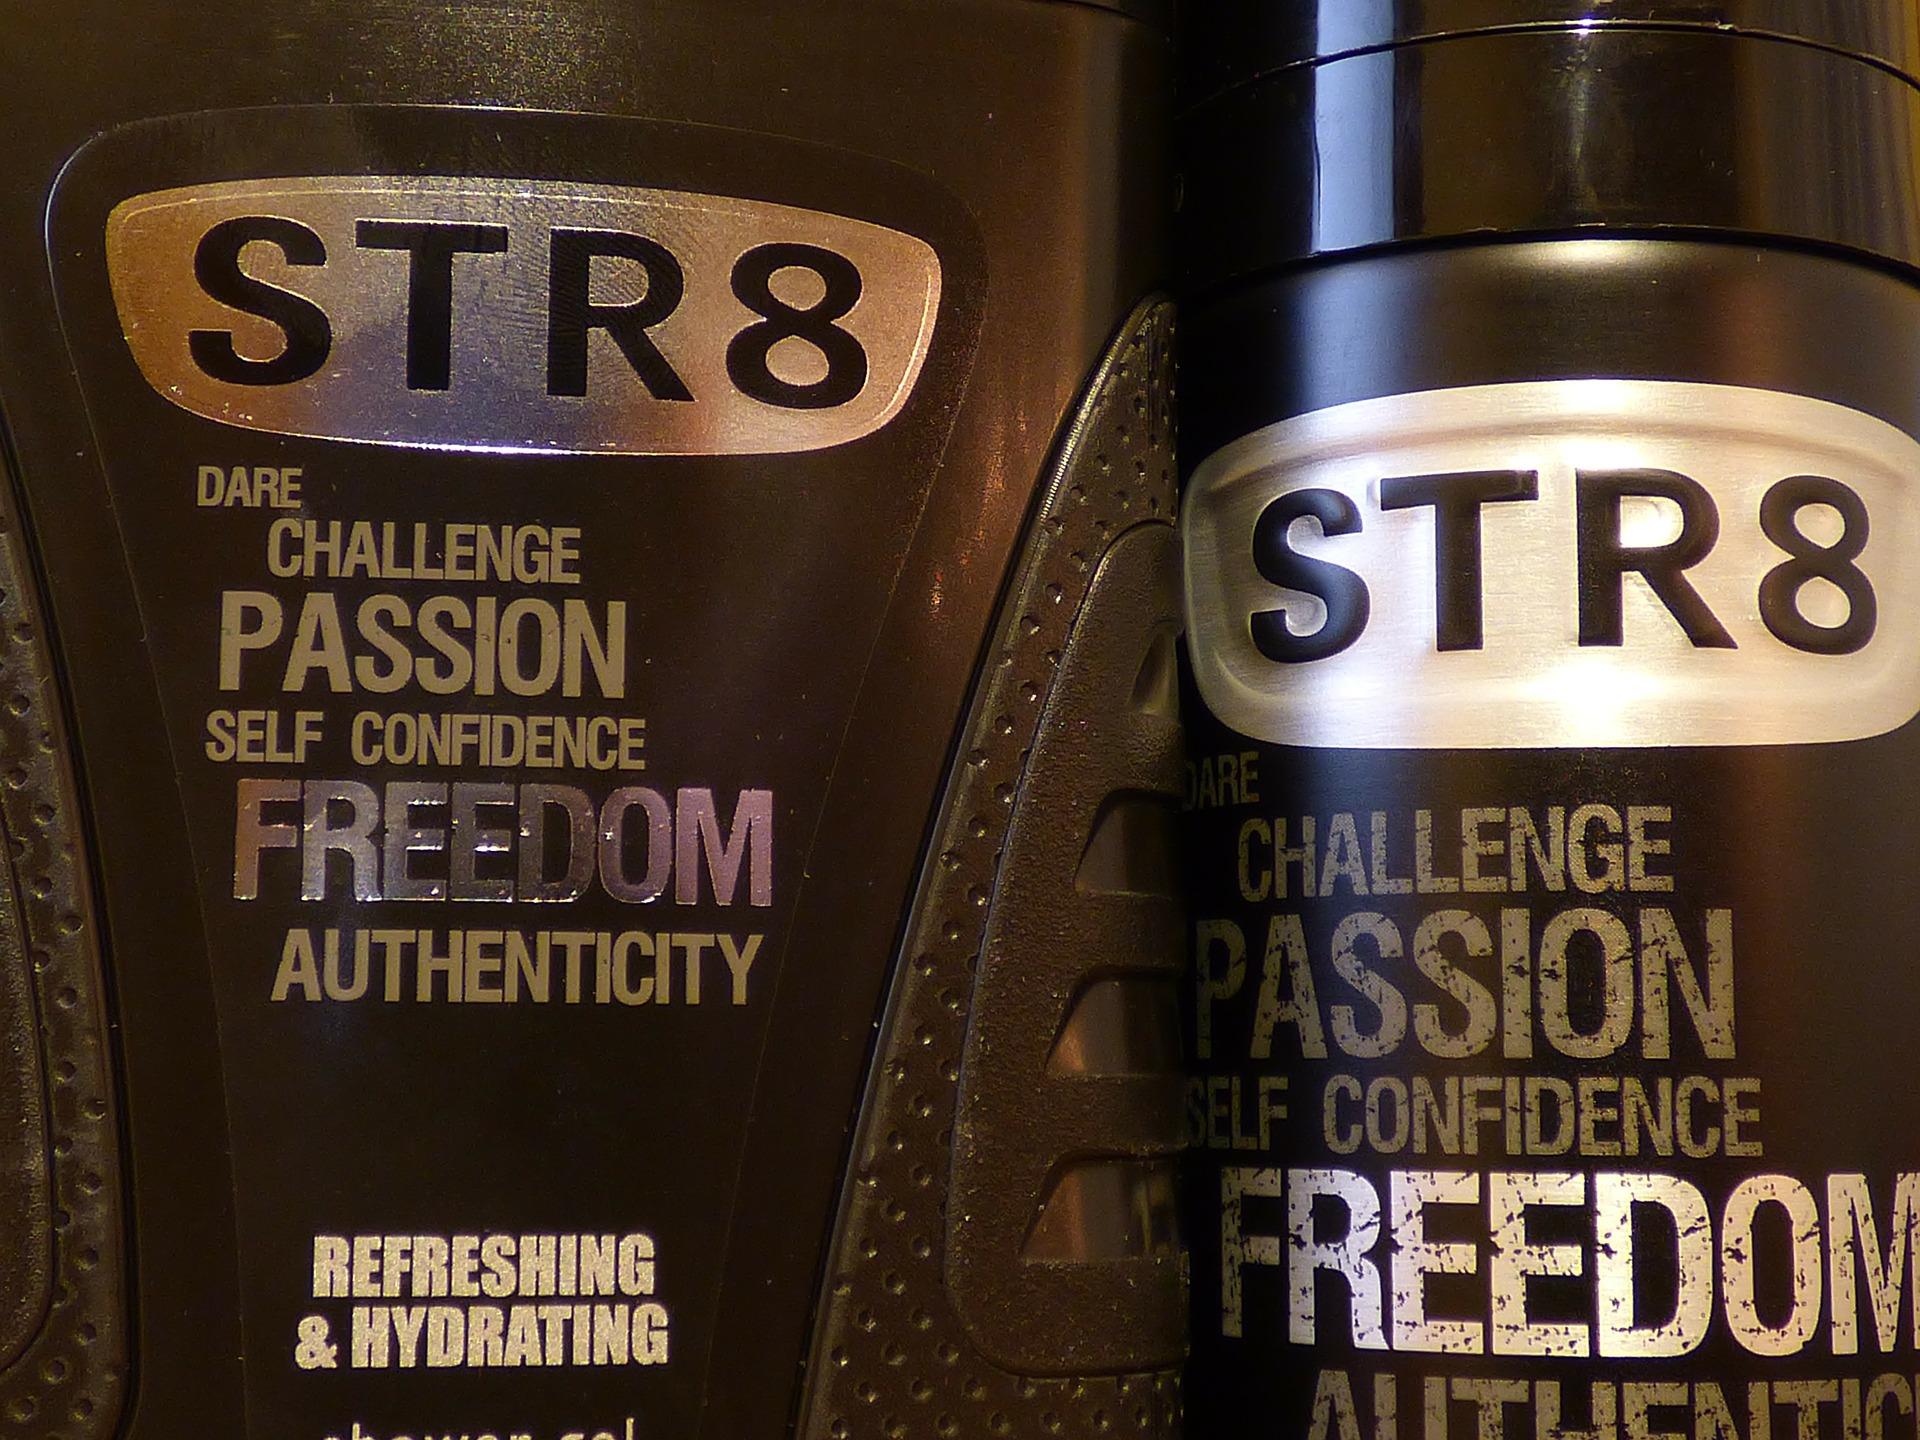 Imagem mostra frascos de desodorante em detalhes.